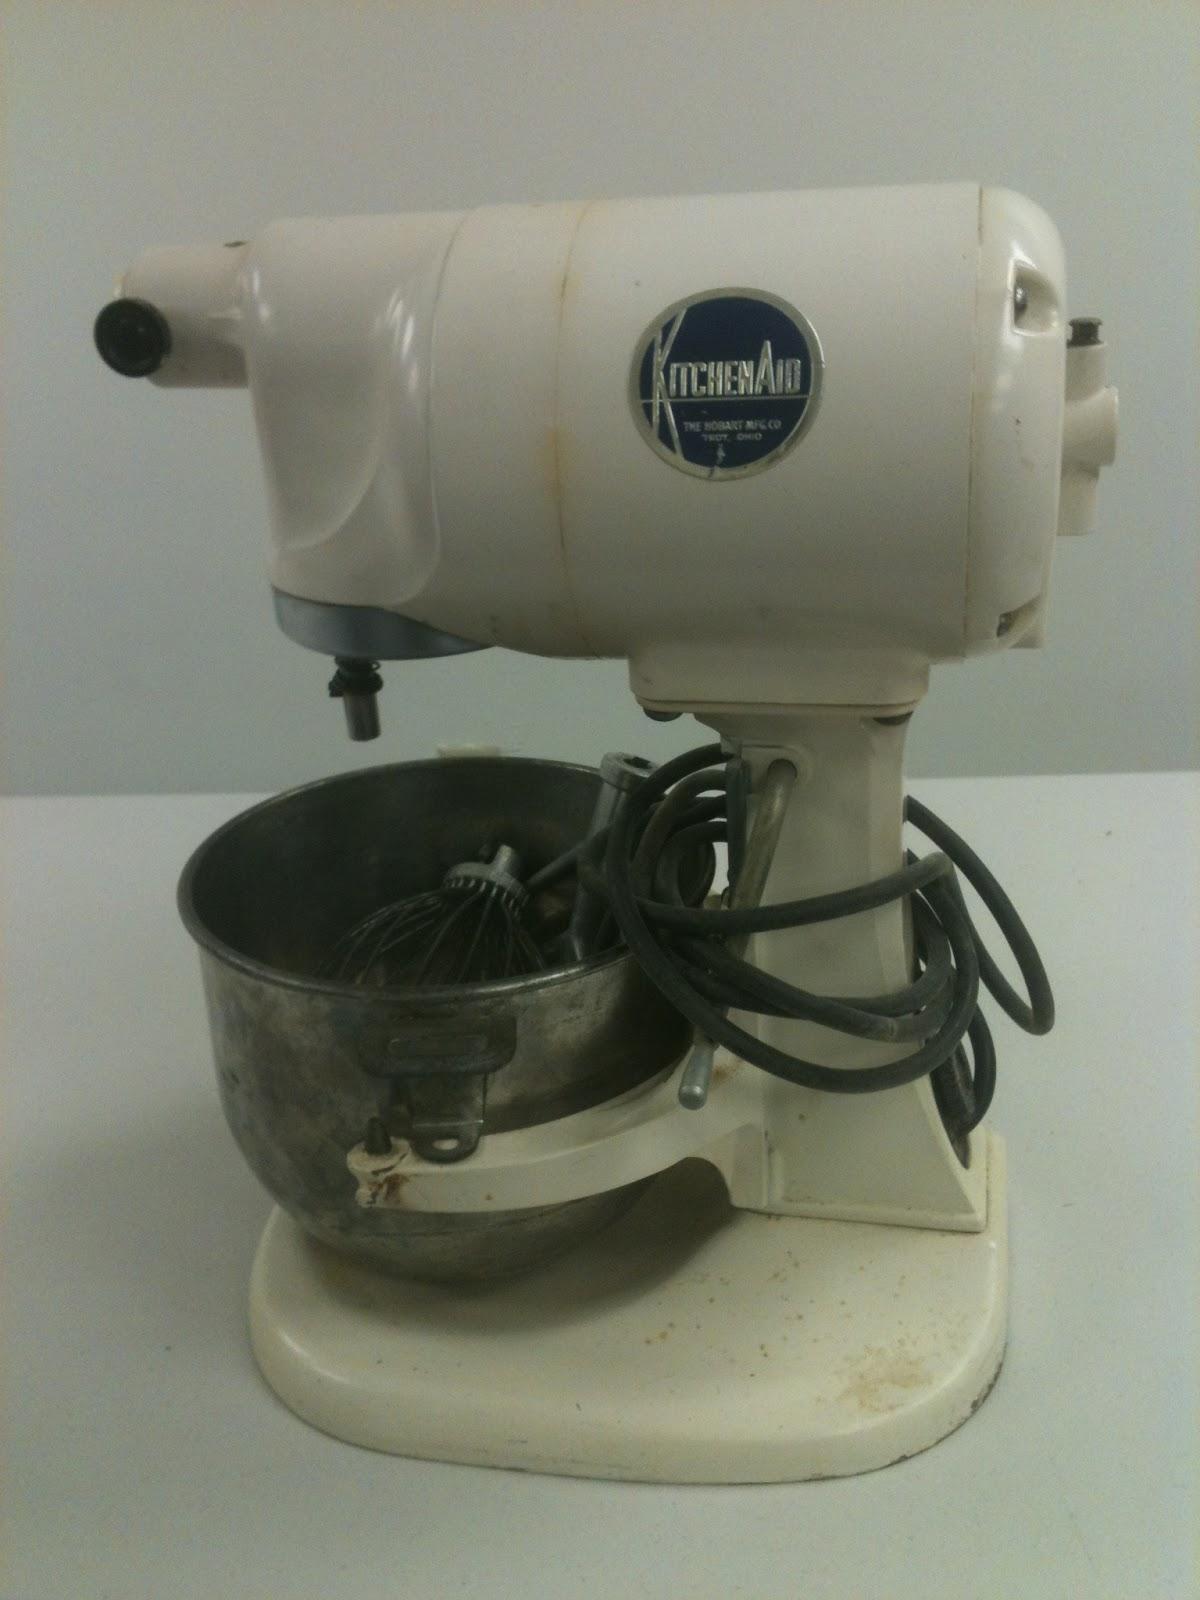 American Made Kitchenaid Mixers